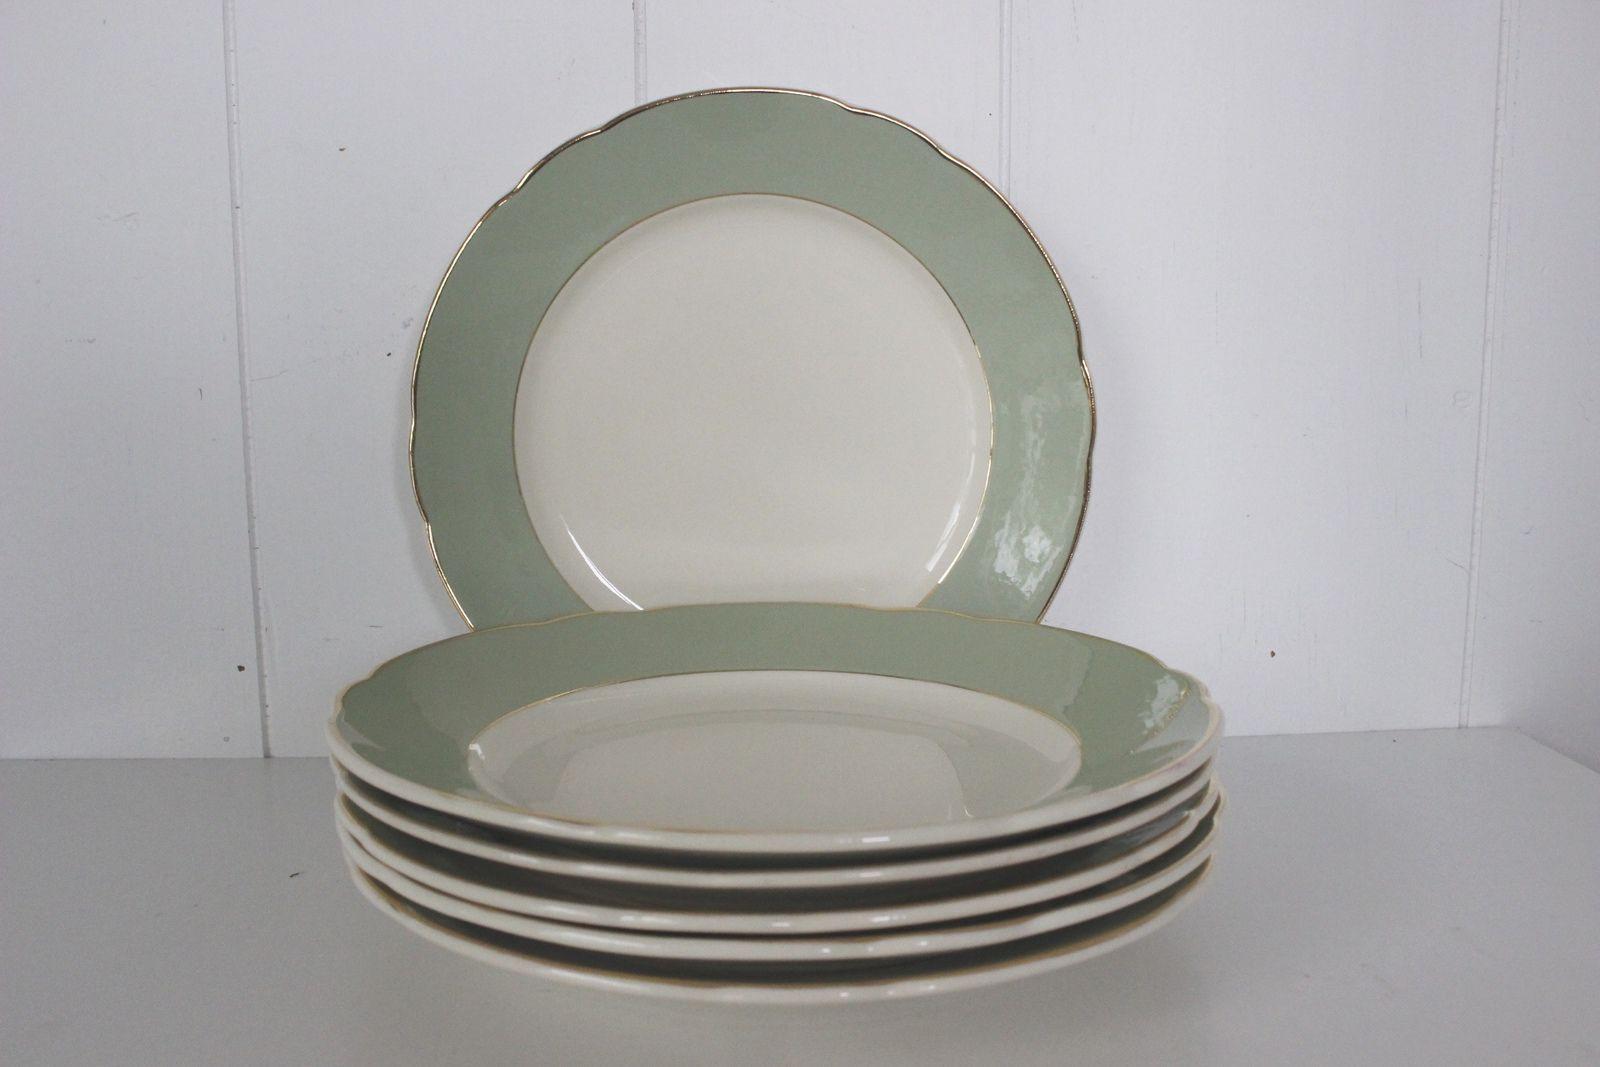 Lot de 6 assiettes plates Villeroy et Boch vertes et dorées Années 60 - Vintage